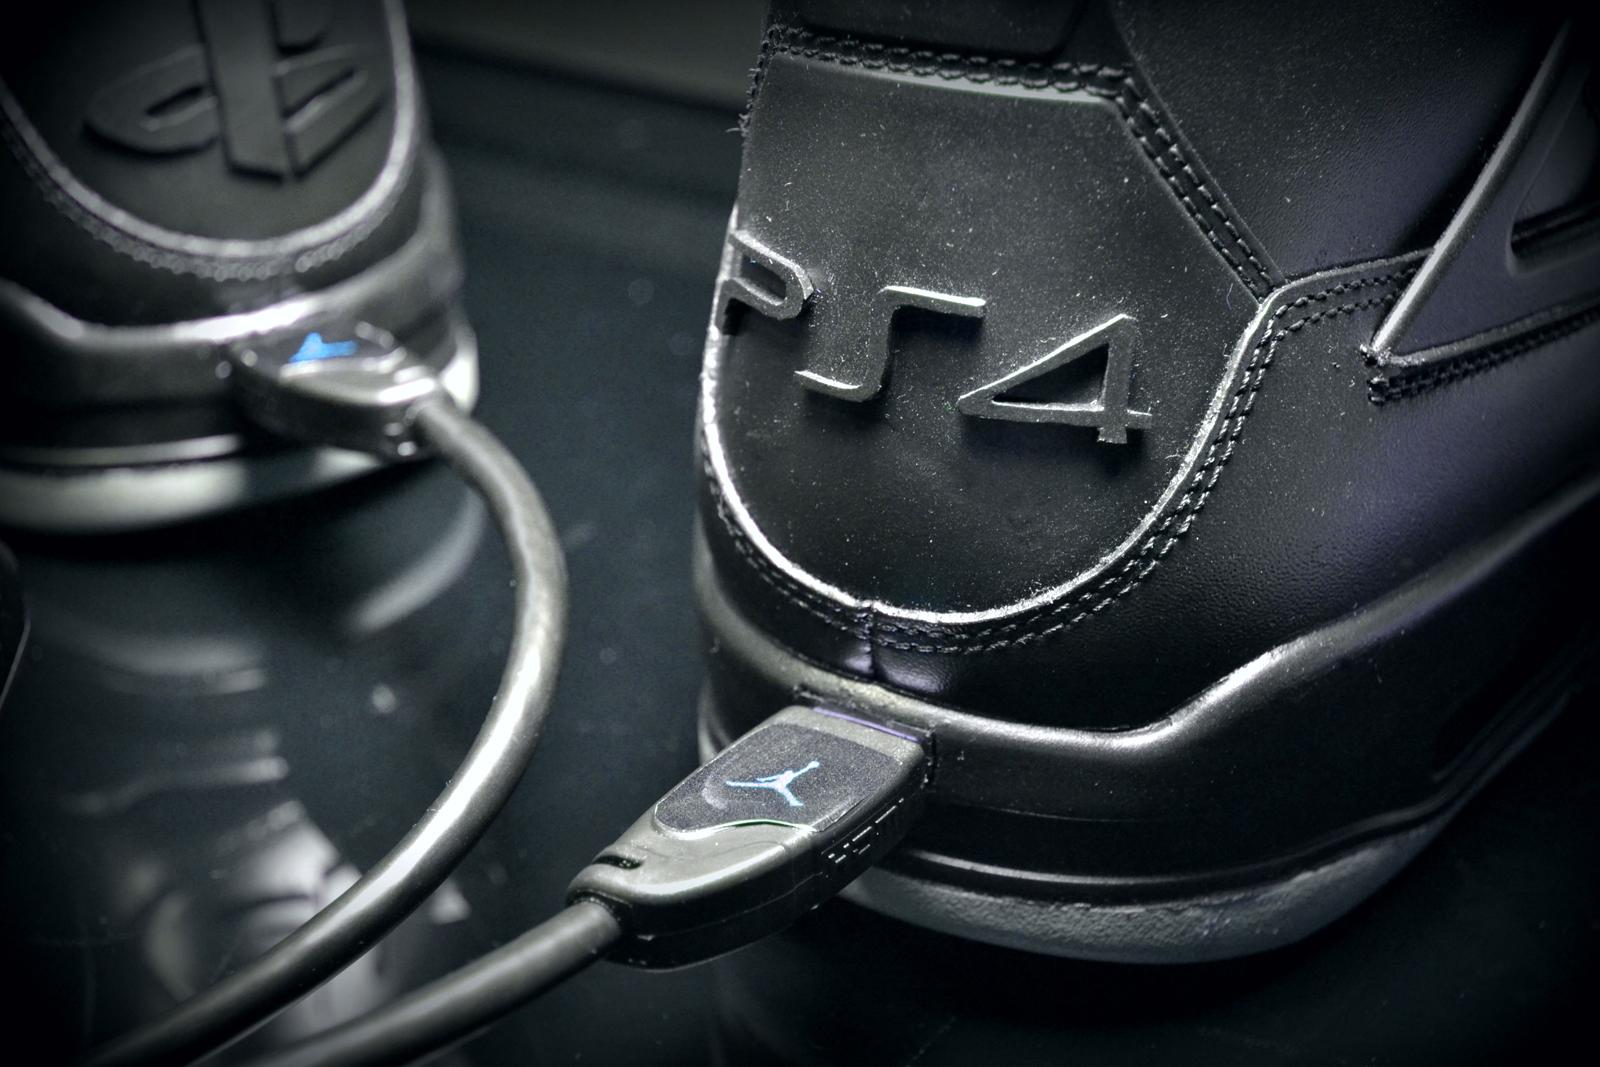 Customisation Air Jordan 4 X Playstation 4 by FreakerSneaks